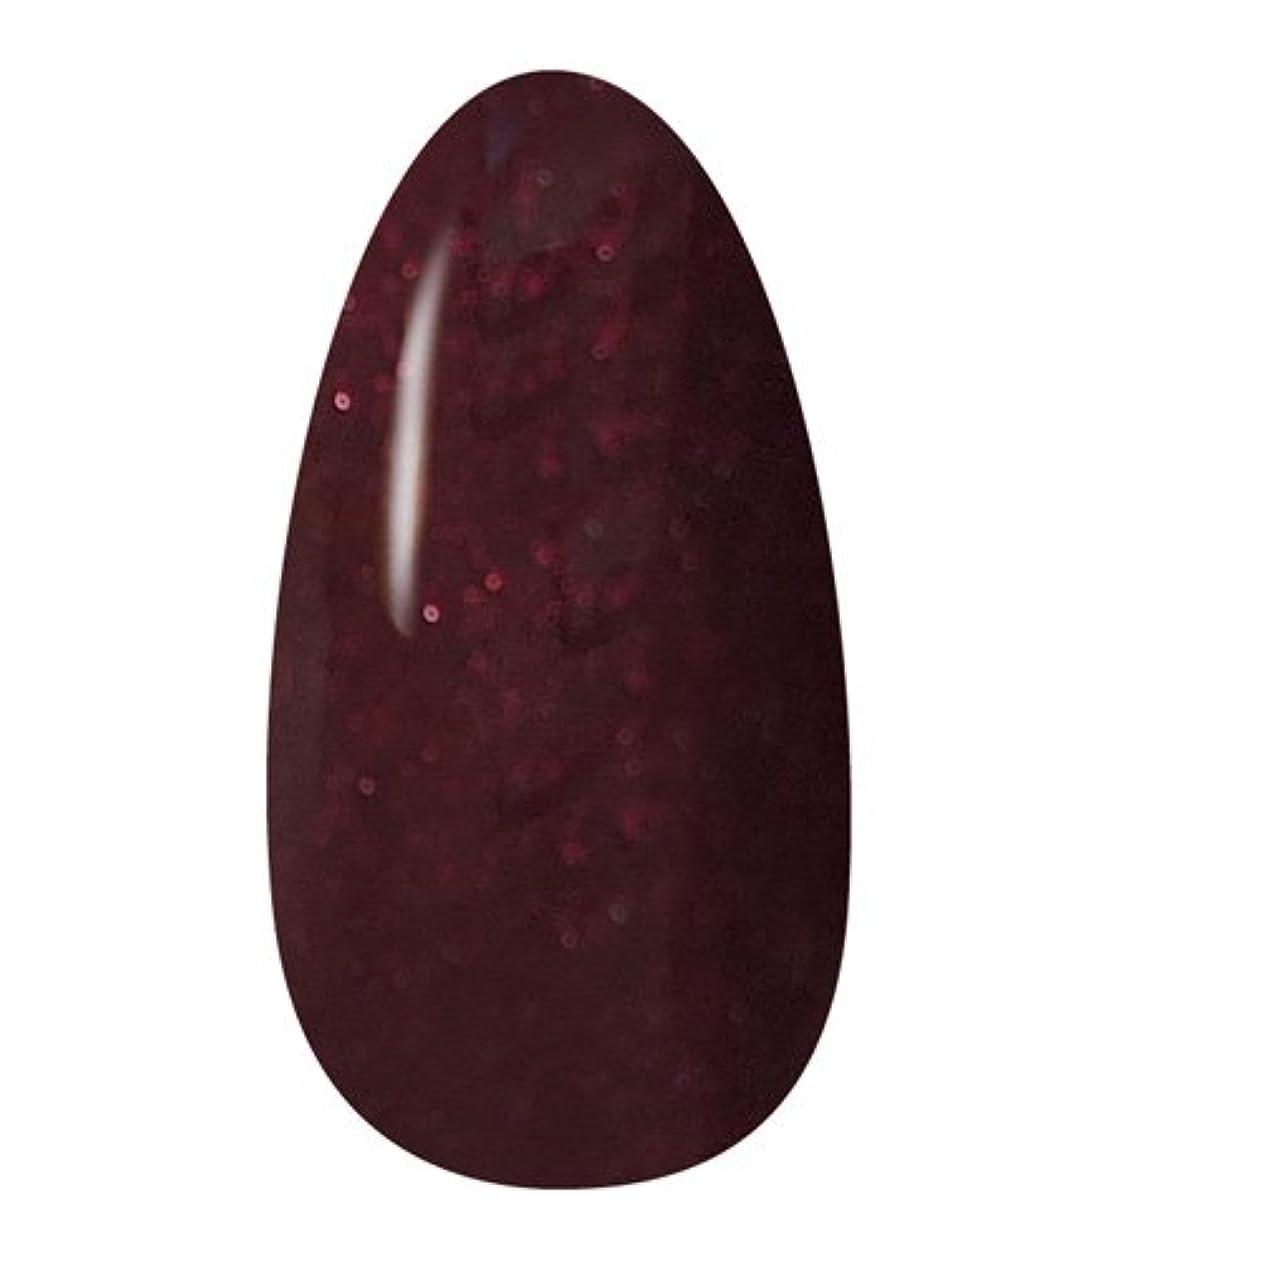 吐き出す繁殖骨髄CherryDayネイルポリッシュ #260 ギャラクシーレッド 8mL